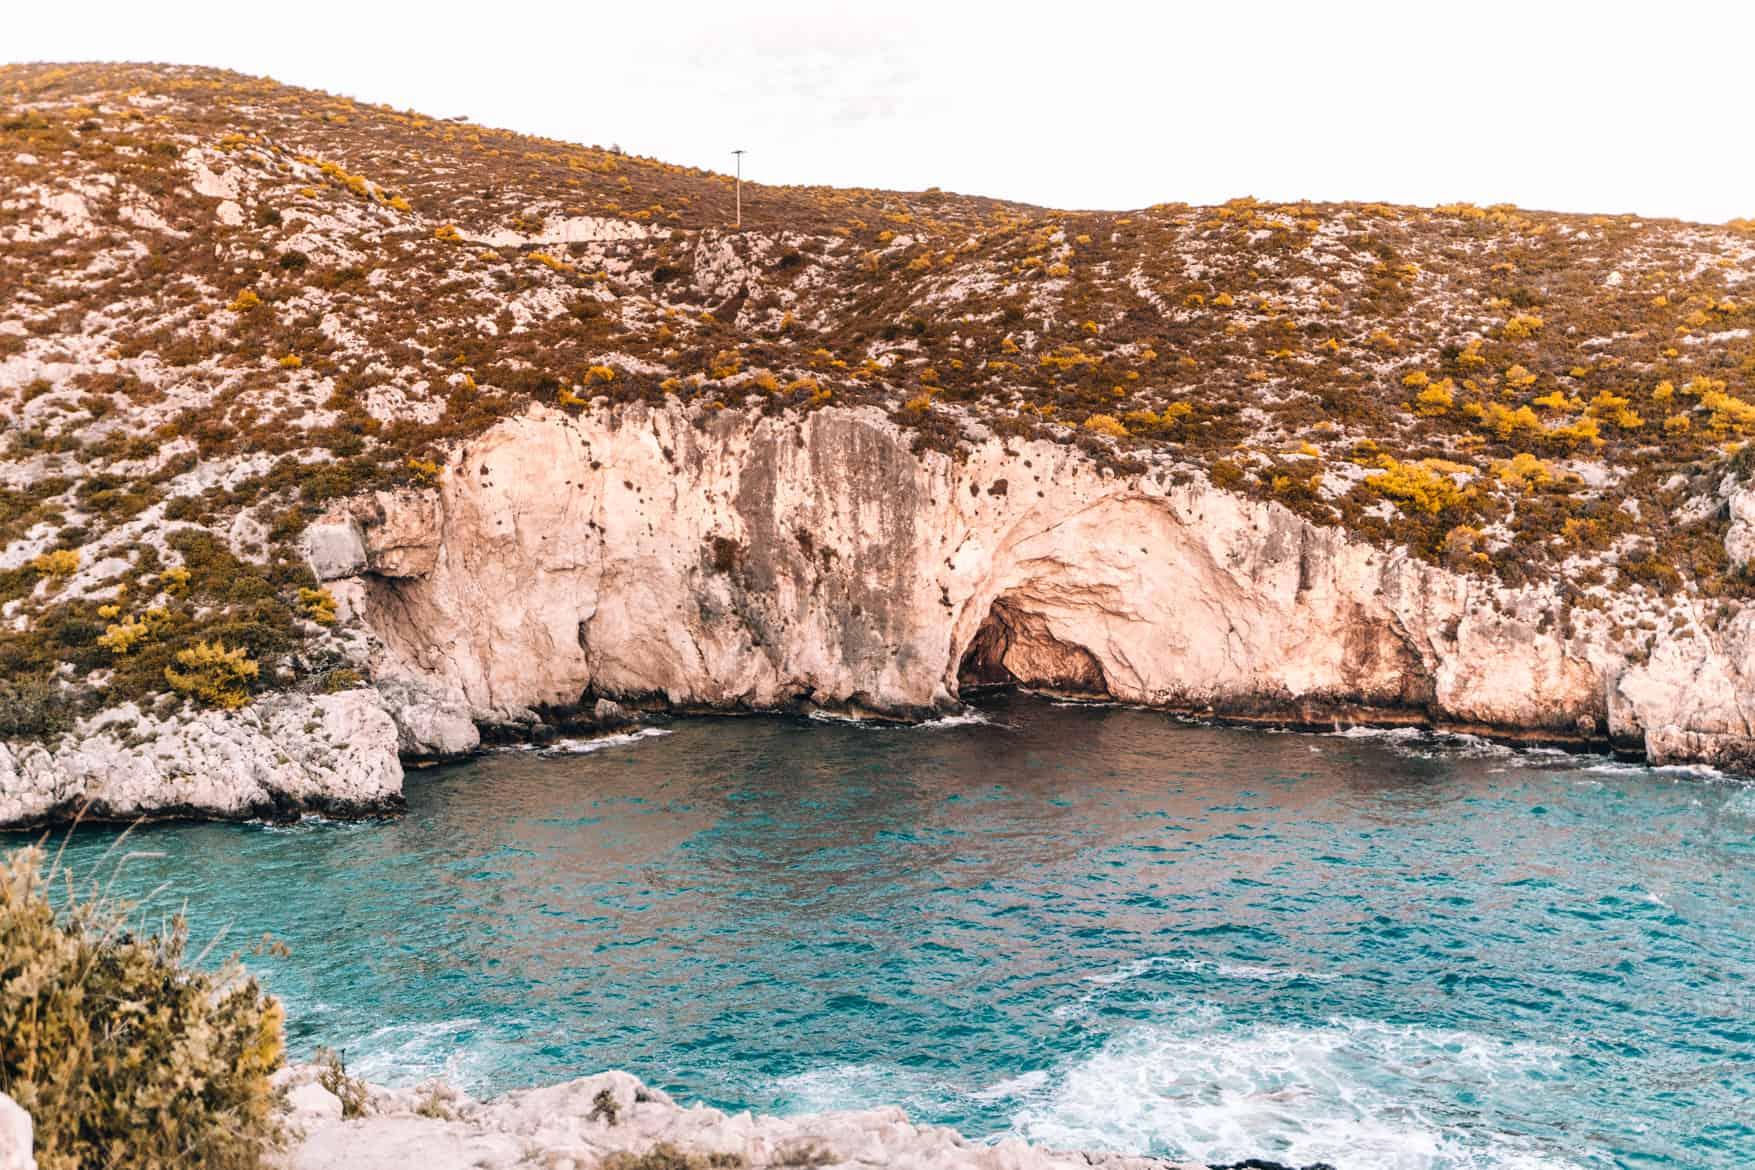 Zakynthos Urlaub - Port Limnionas, Ausblick